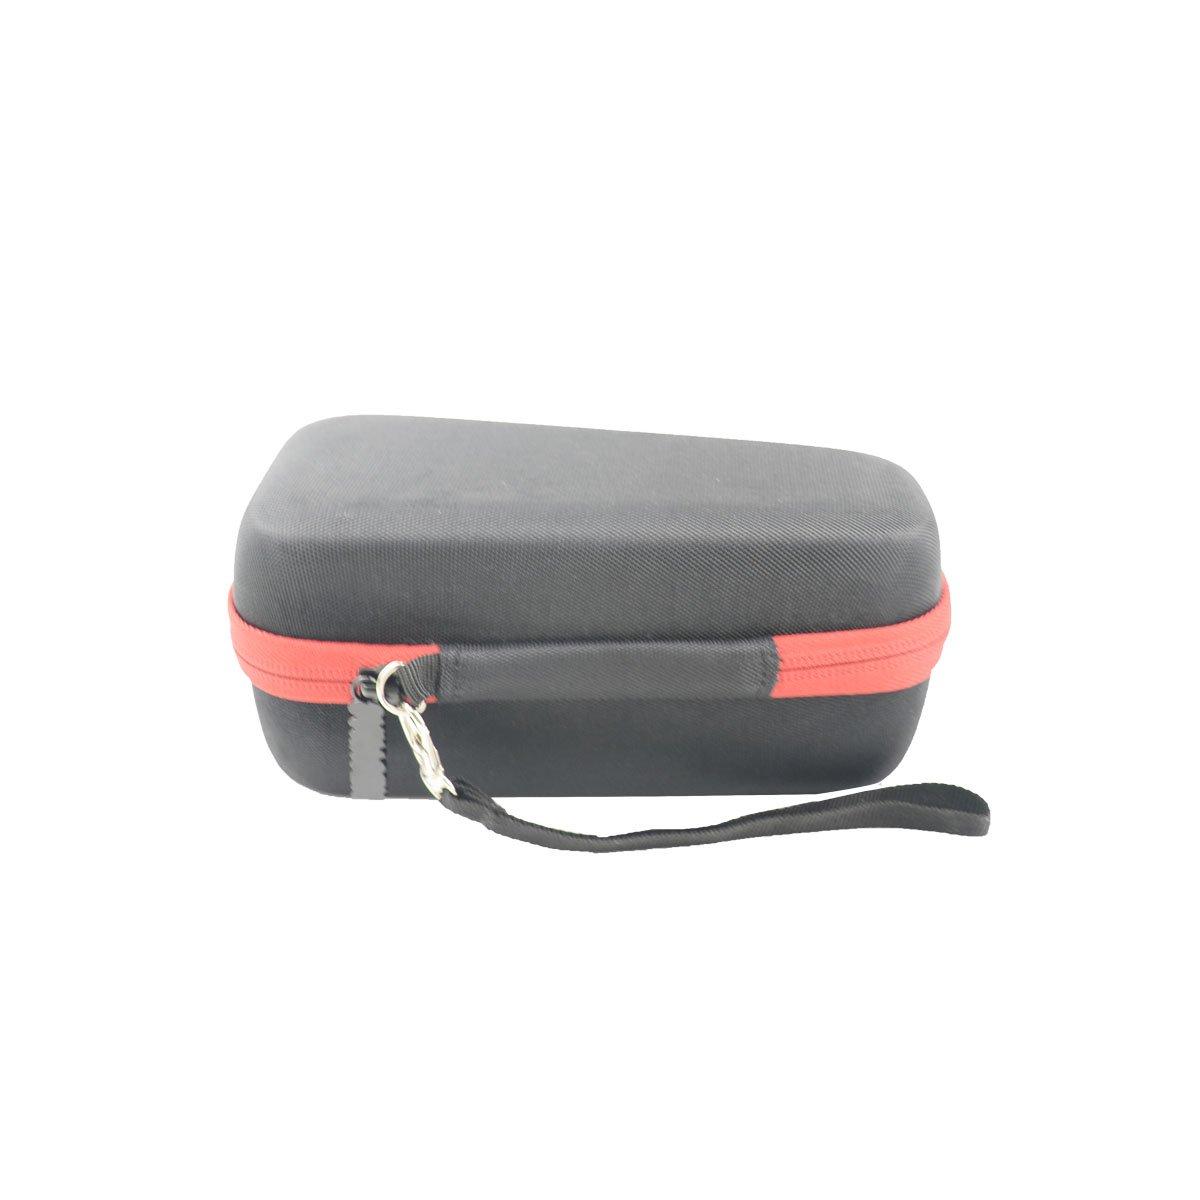 Hart Reise Schutz Hülle Etui Tasche für Braun Series 9 Rasierapparat 9296cc Pr